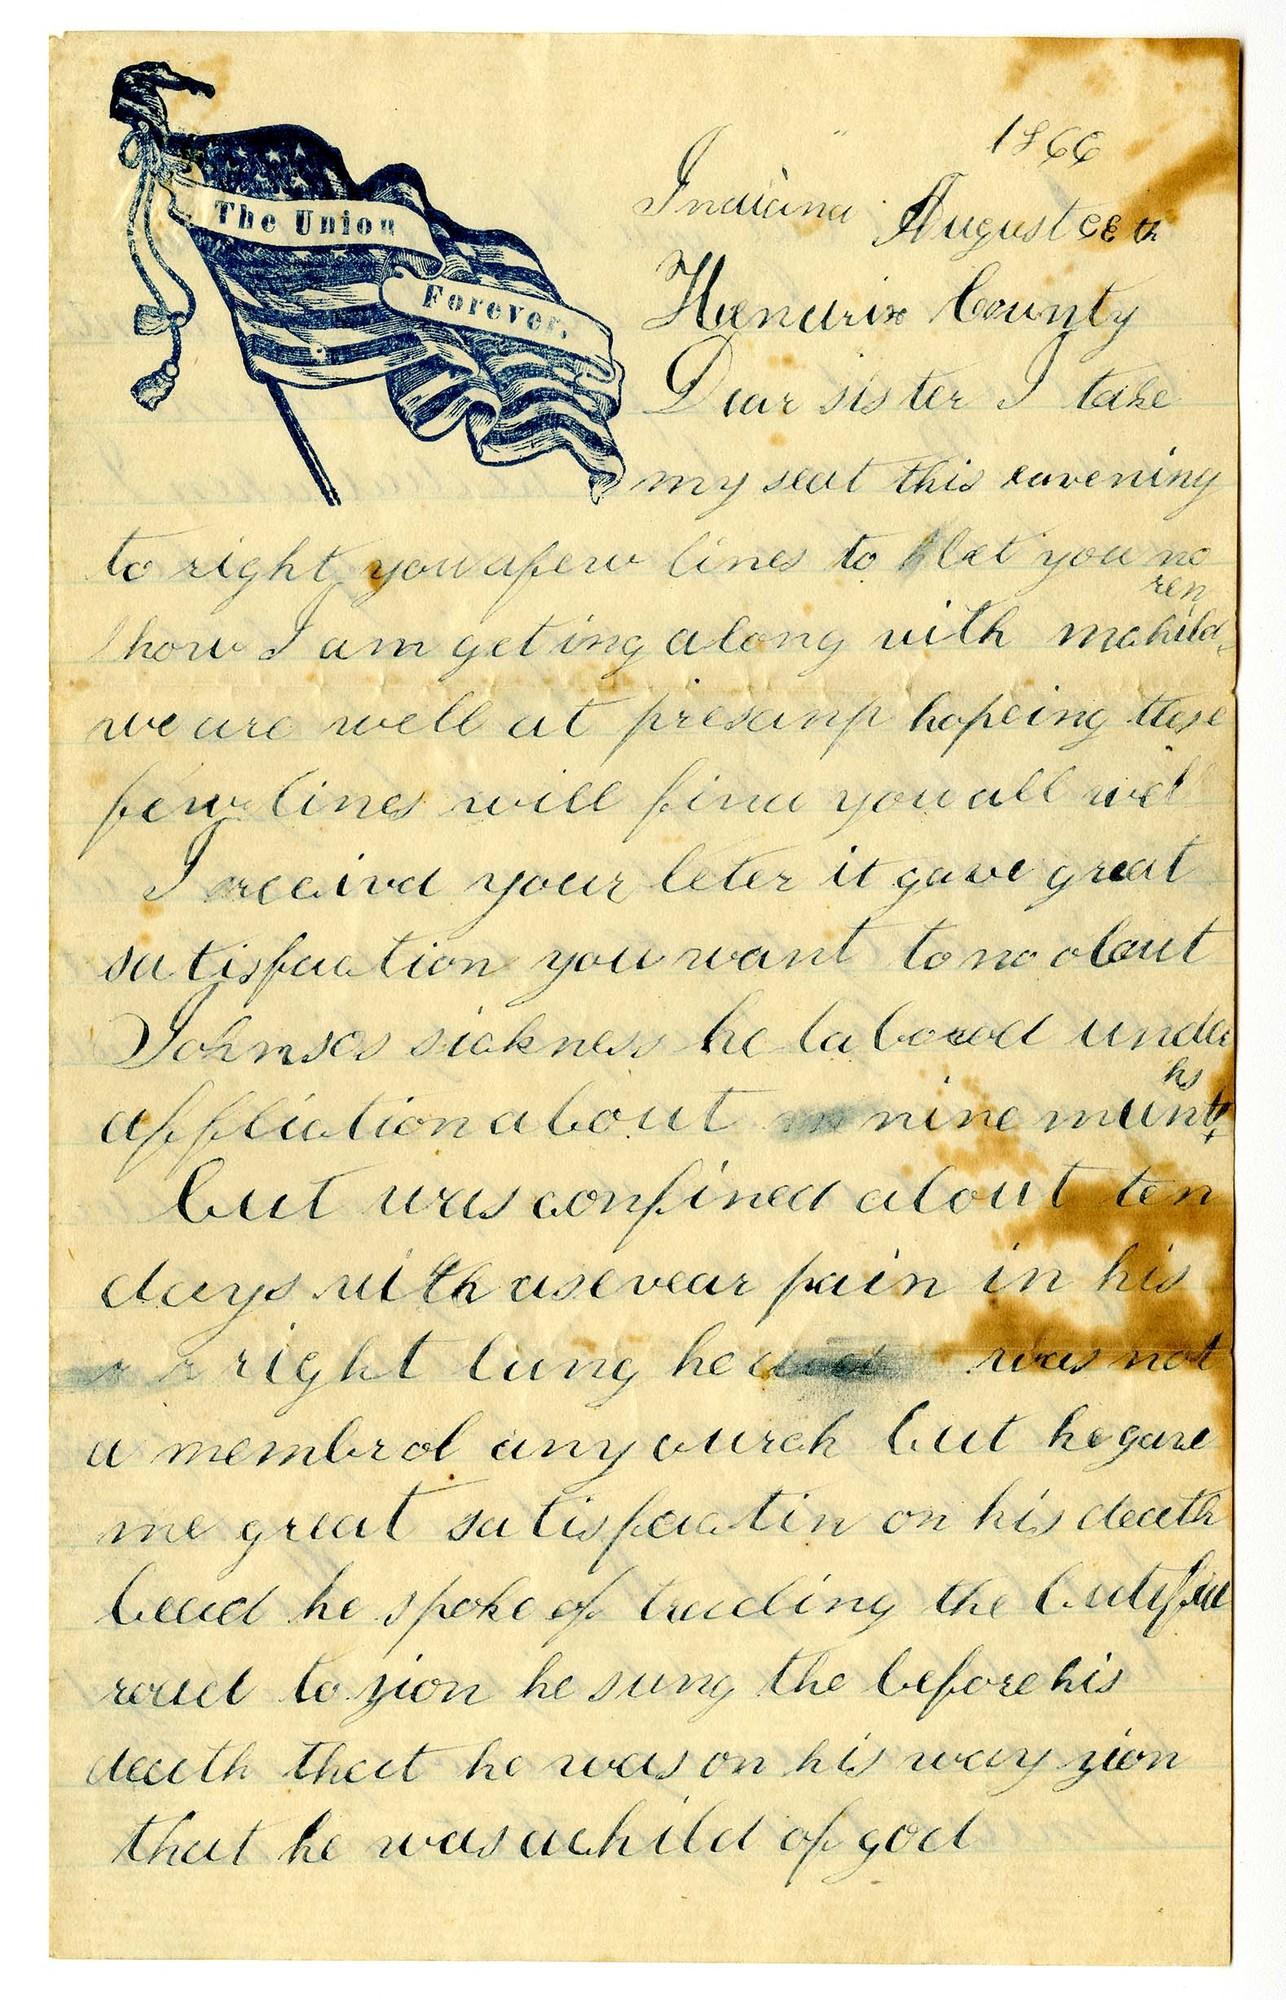 Ms1998_001_HuffHylton_Letter_1866_0808a.jpg